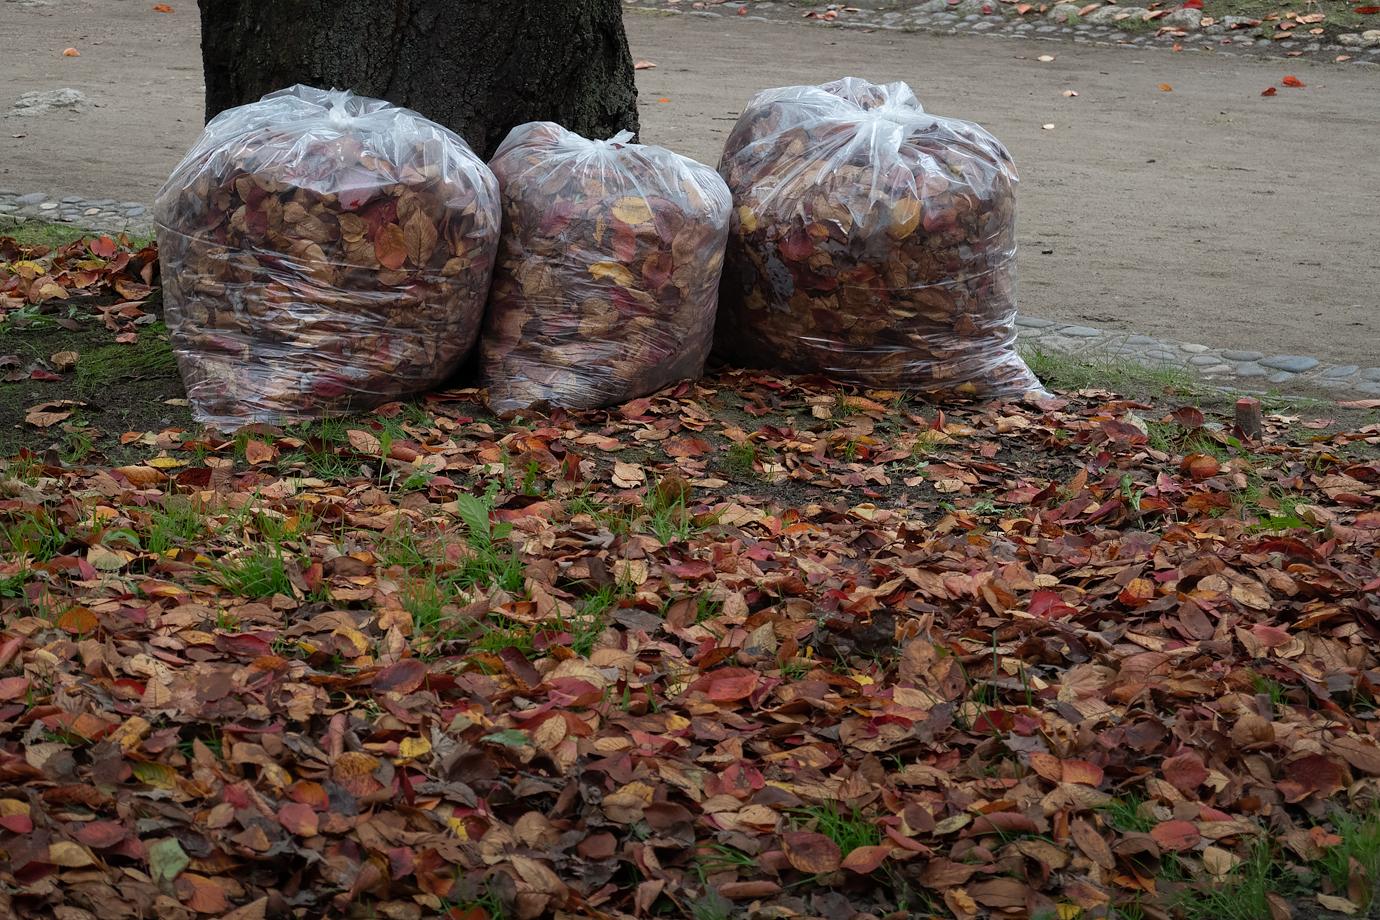 落ち葉を詰めたごみ袋